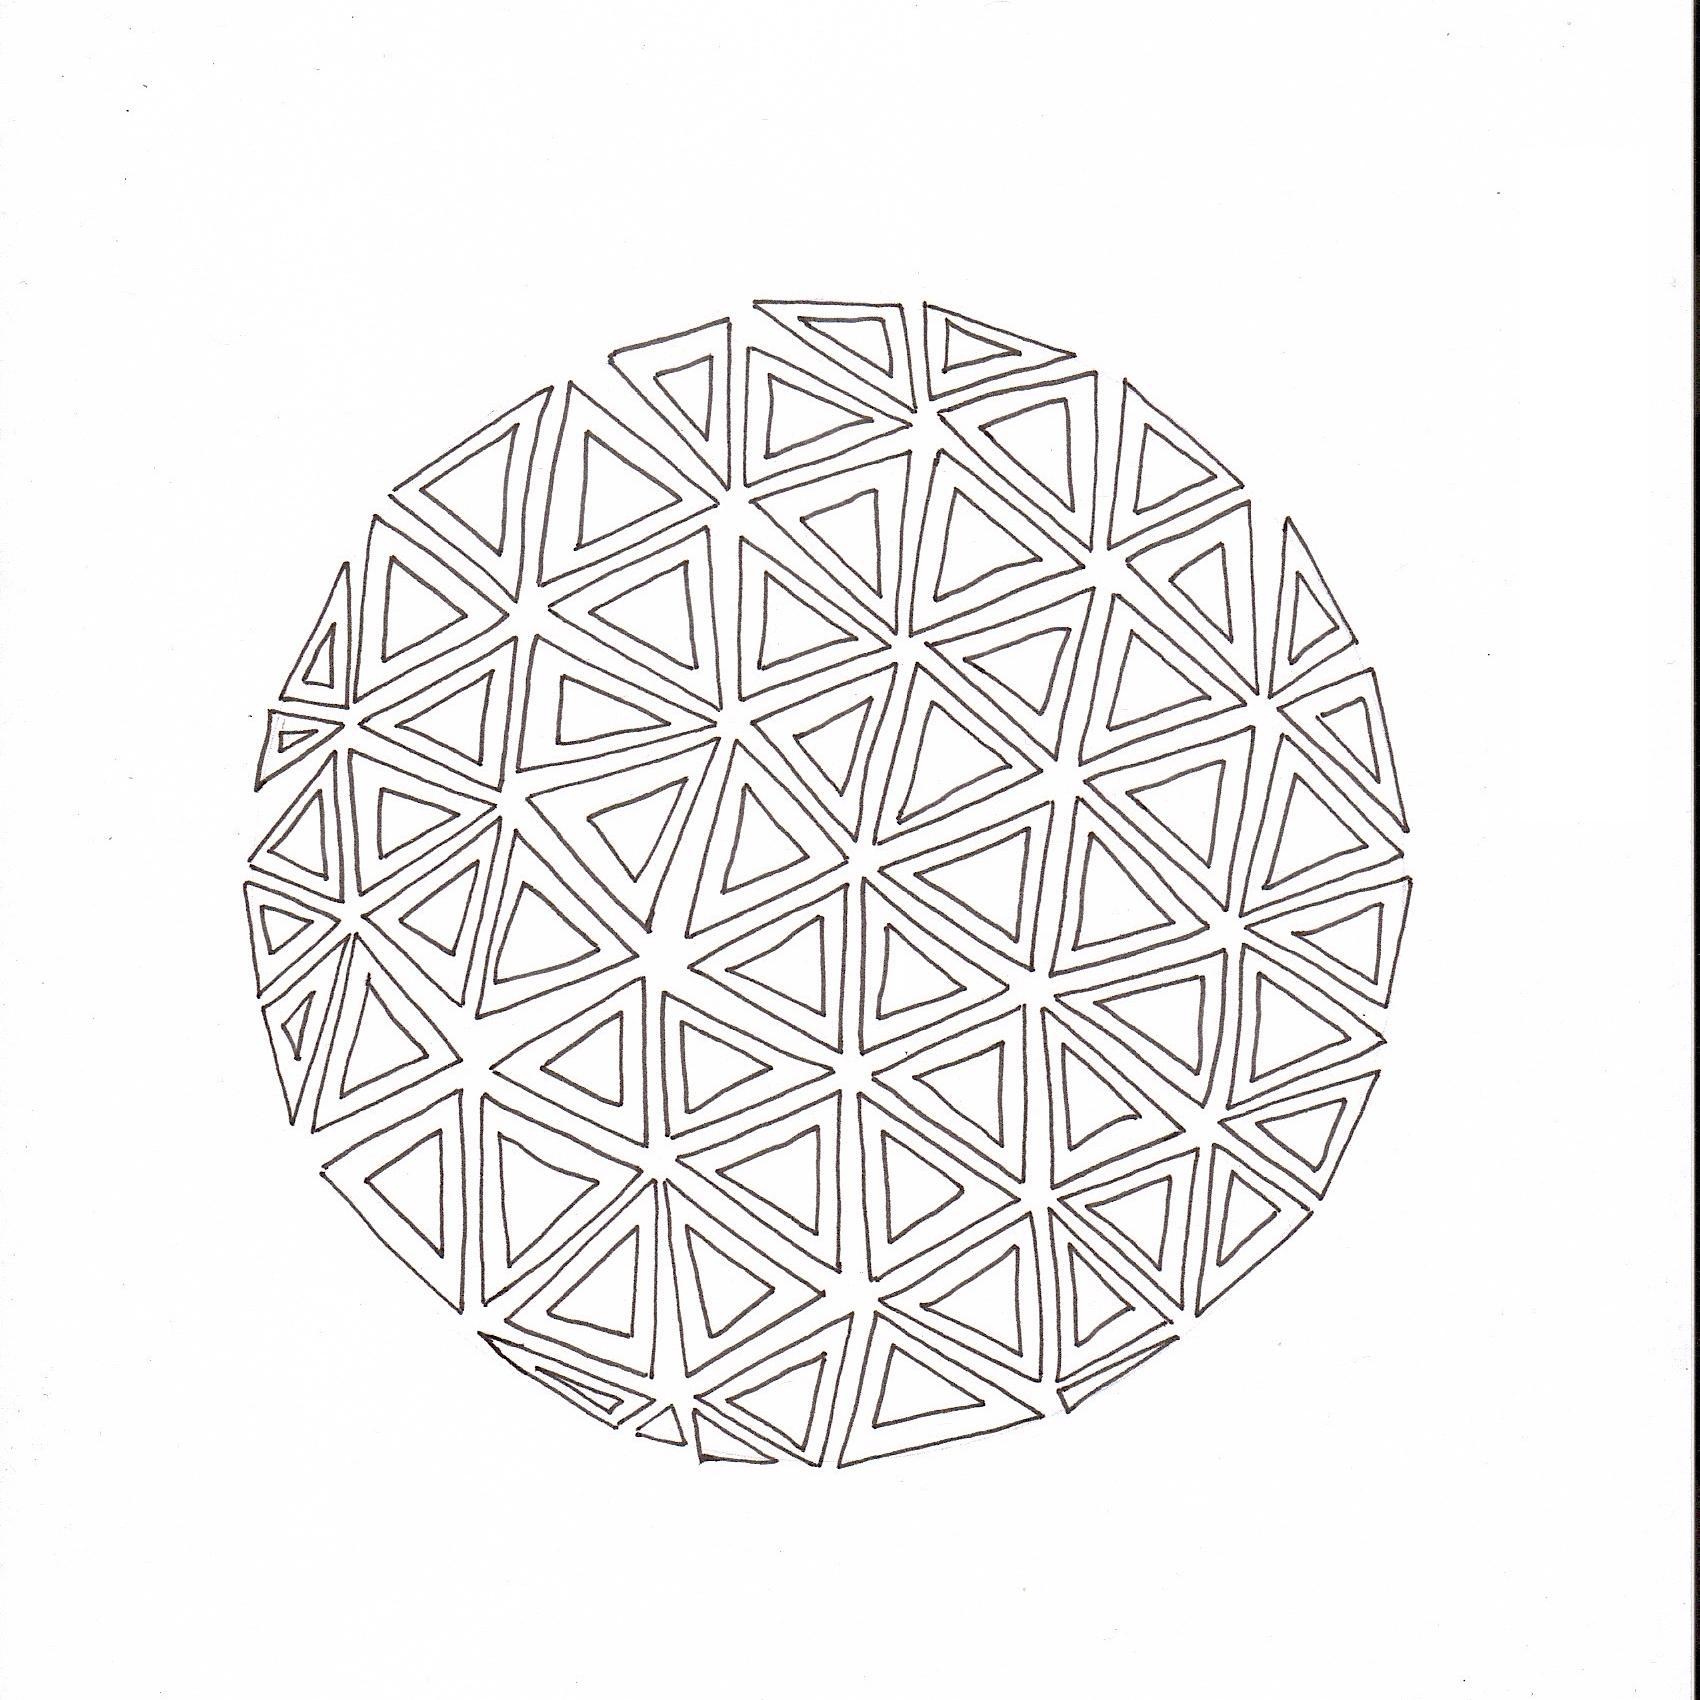 Mandala Coloring Page02.jpg